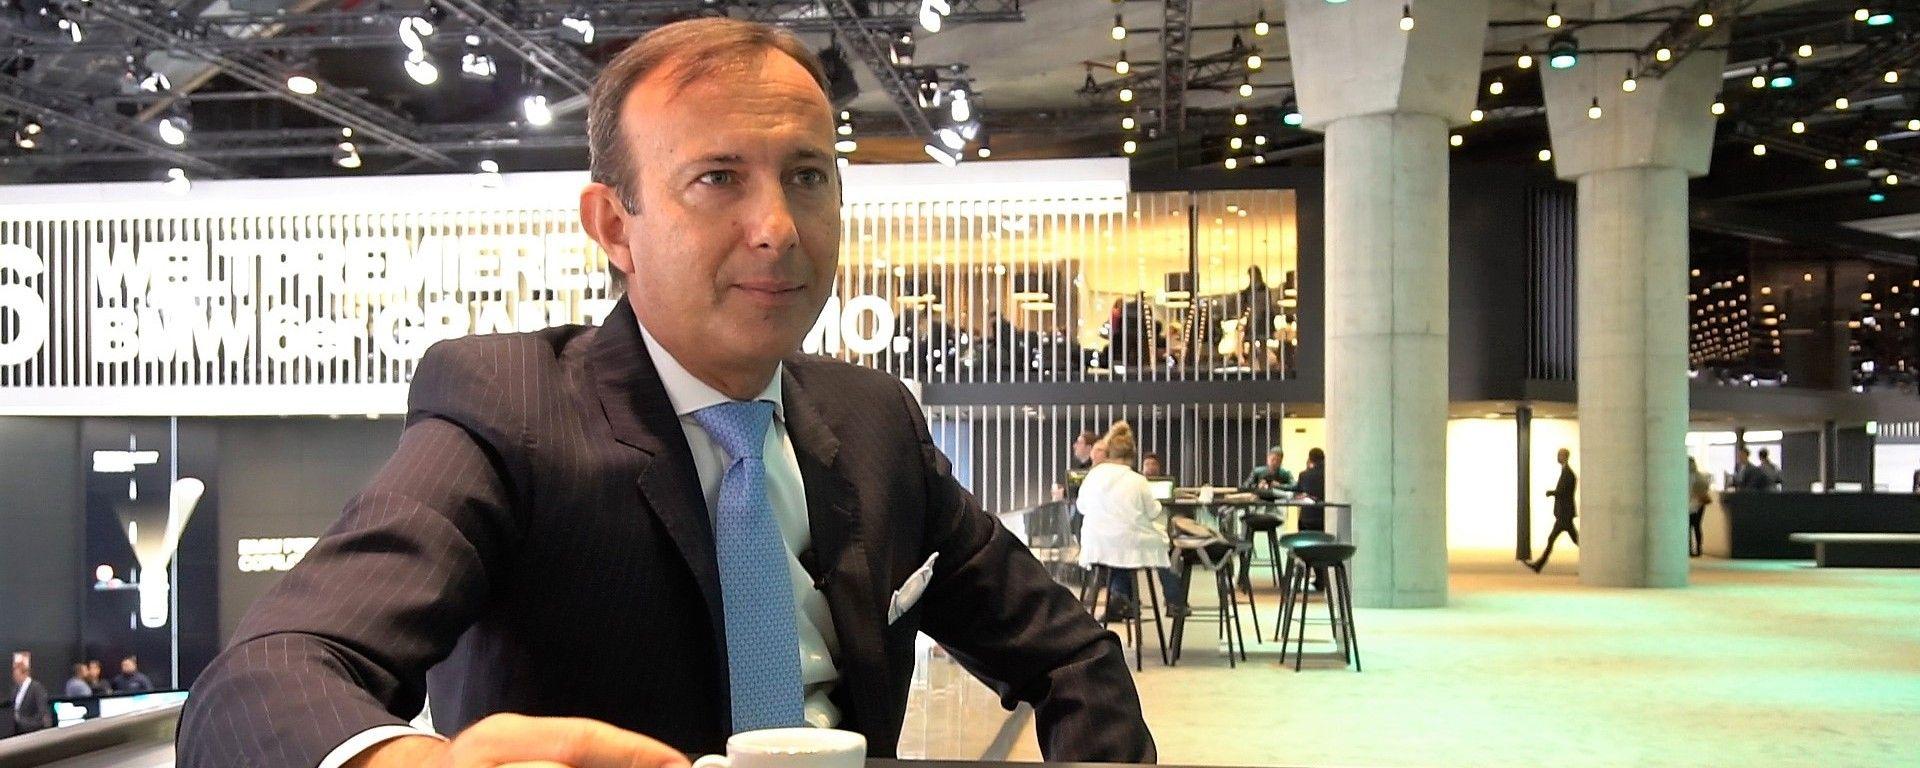 Le novità Mini raccontate da Sergio Solero, presidente e ad BMW Italia